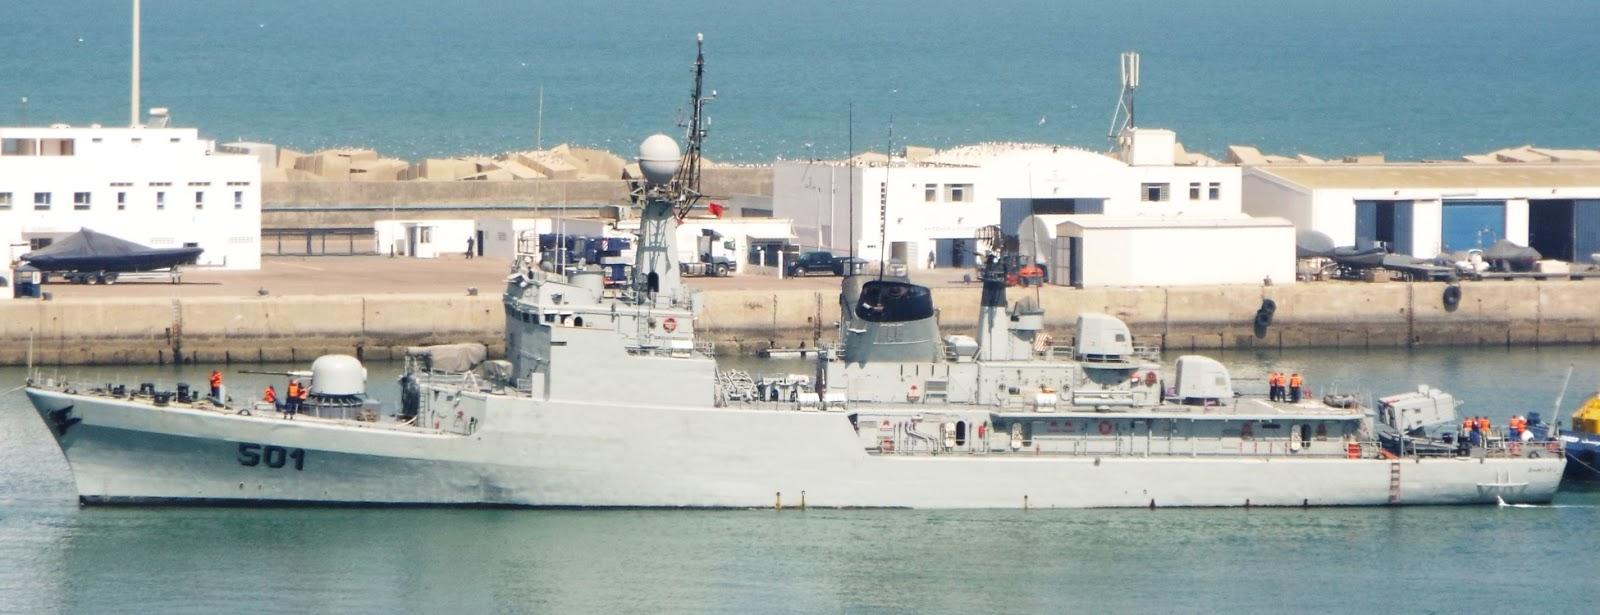 Royal Moroccan Navy Descubierta Frigate / Patrouilleur Océanique Lt Cl Errahmani - Bâtiment École - Page 3 7be2b-descubertia-casablance01